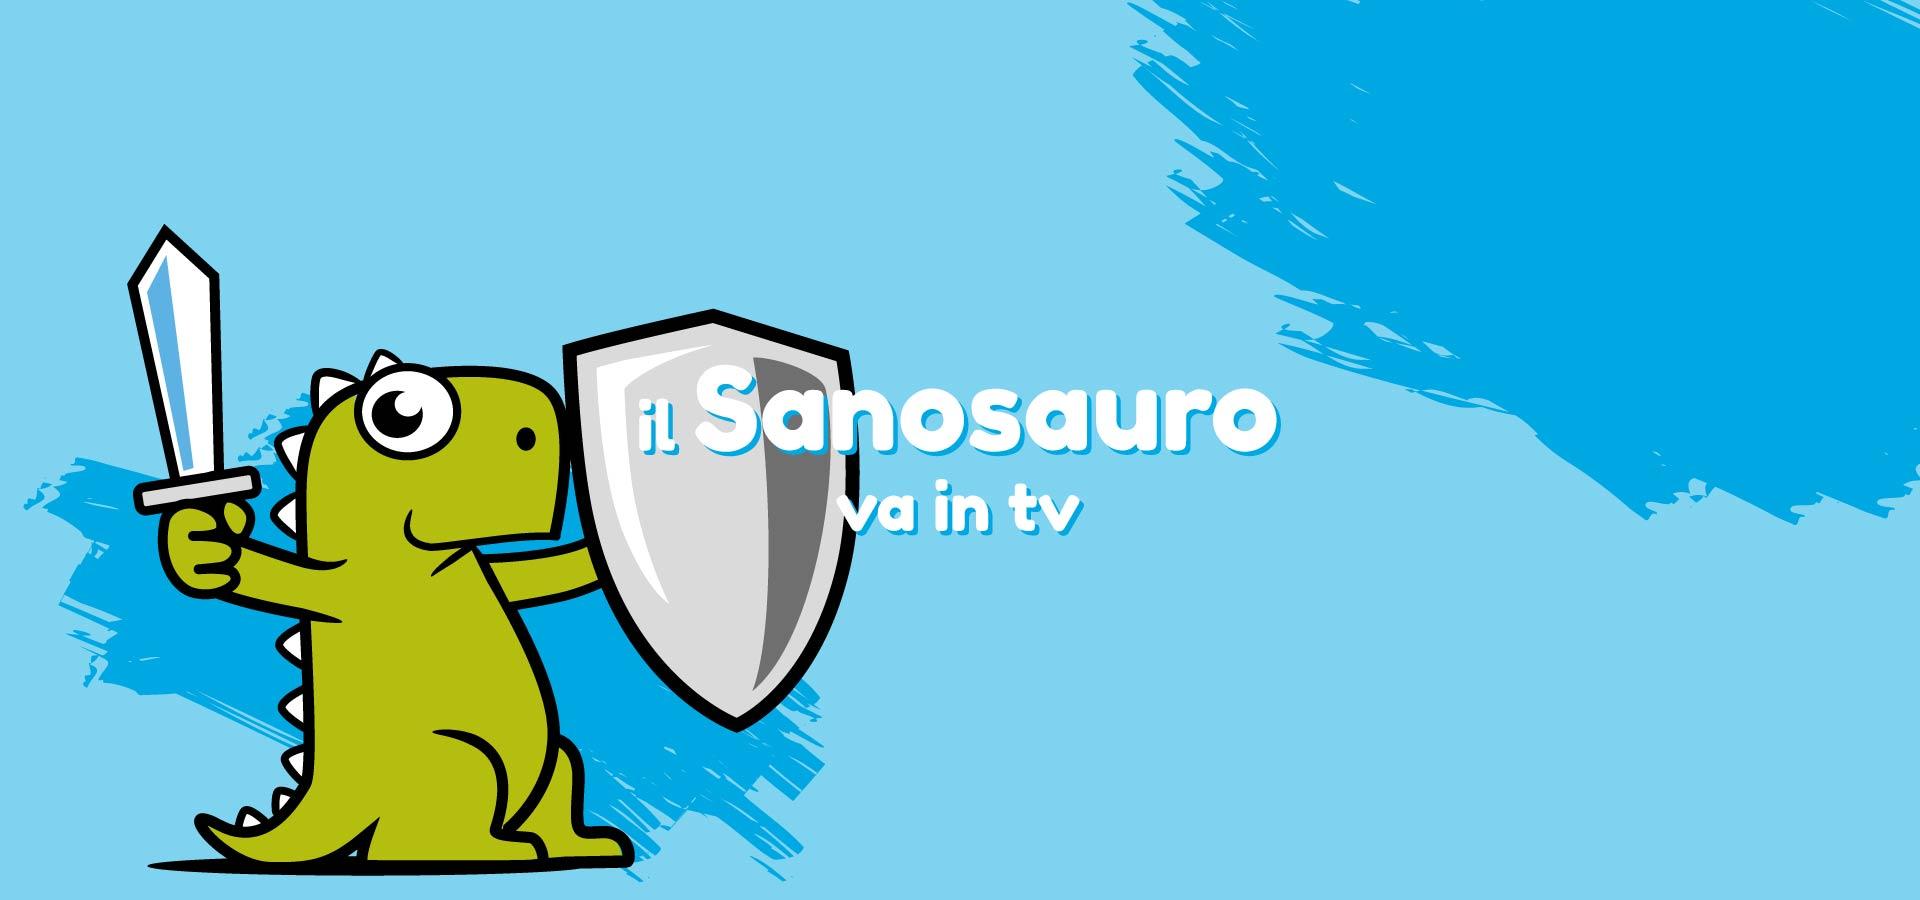 Sanosauro - spot televisivo creato dall'agenzia pubblicitaria Unique